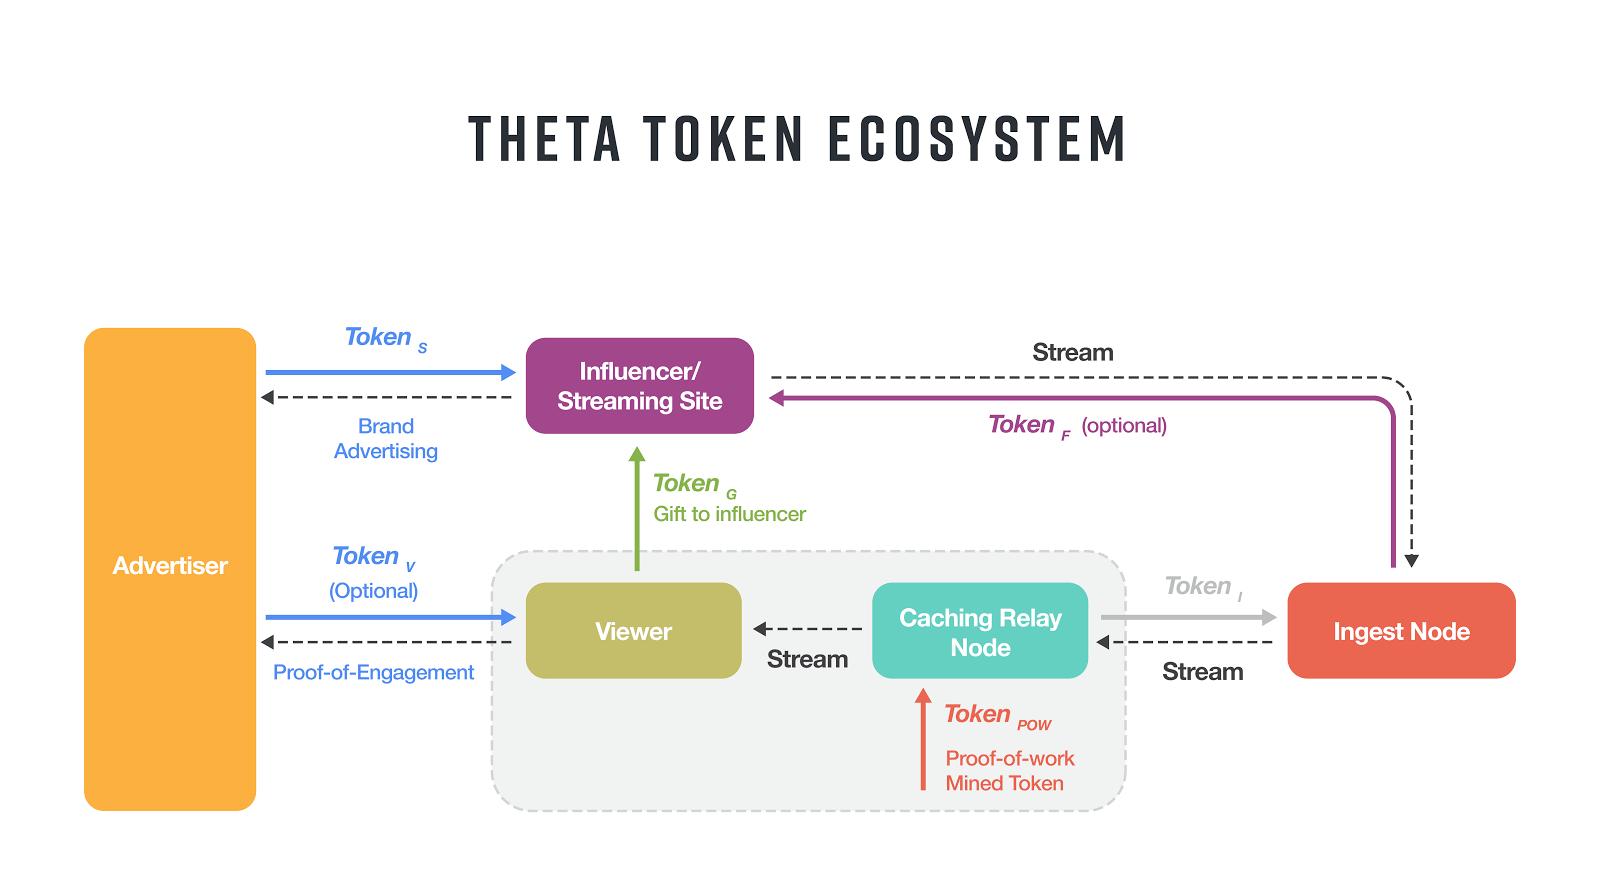 Theta Token Ecosystem